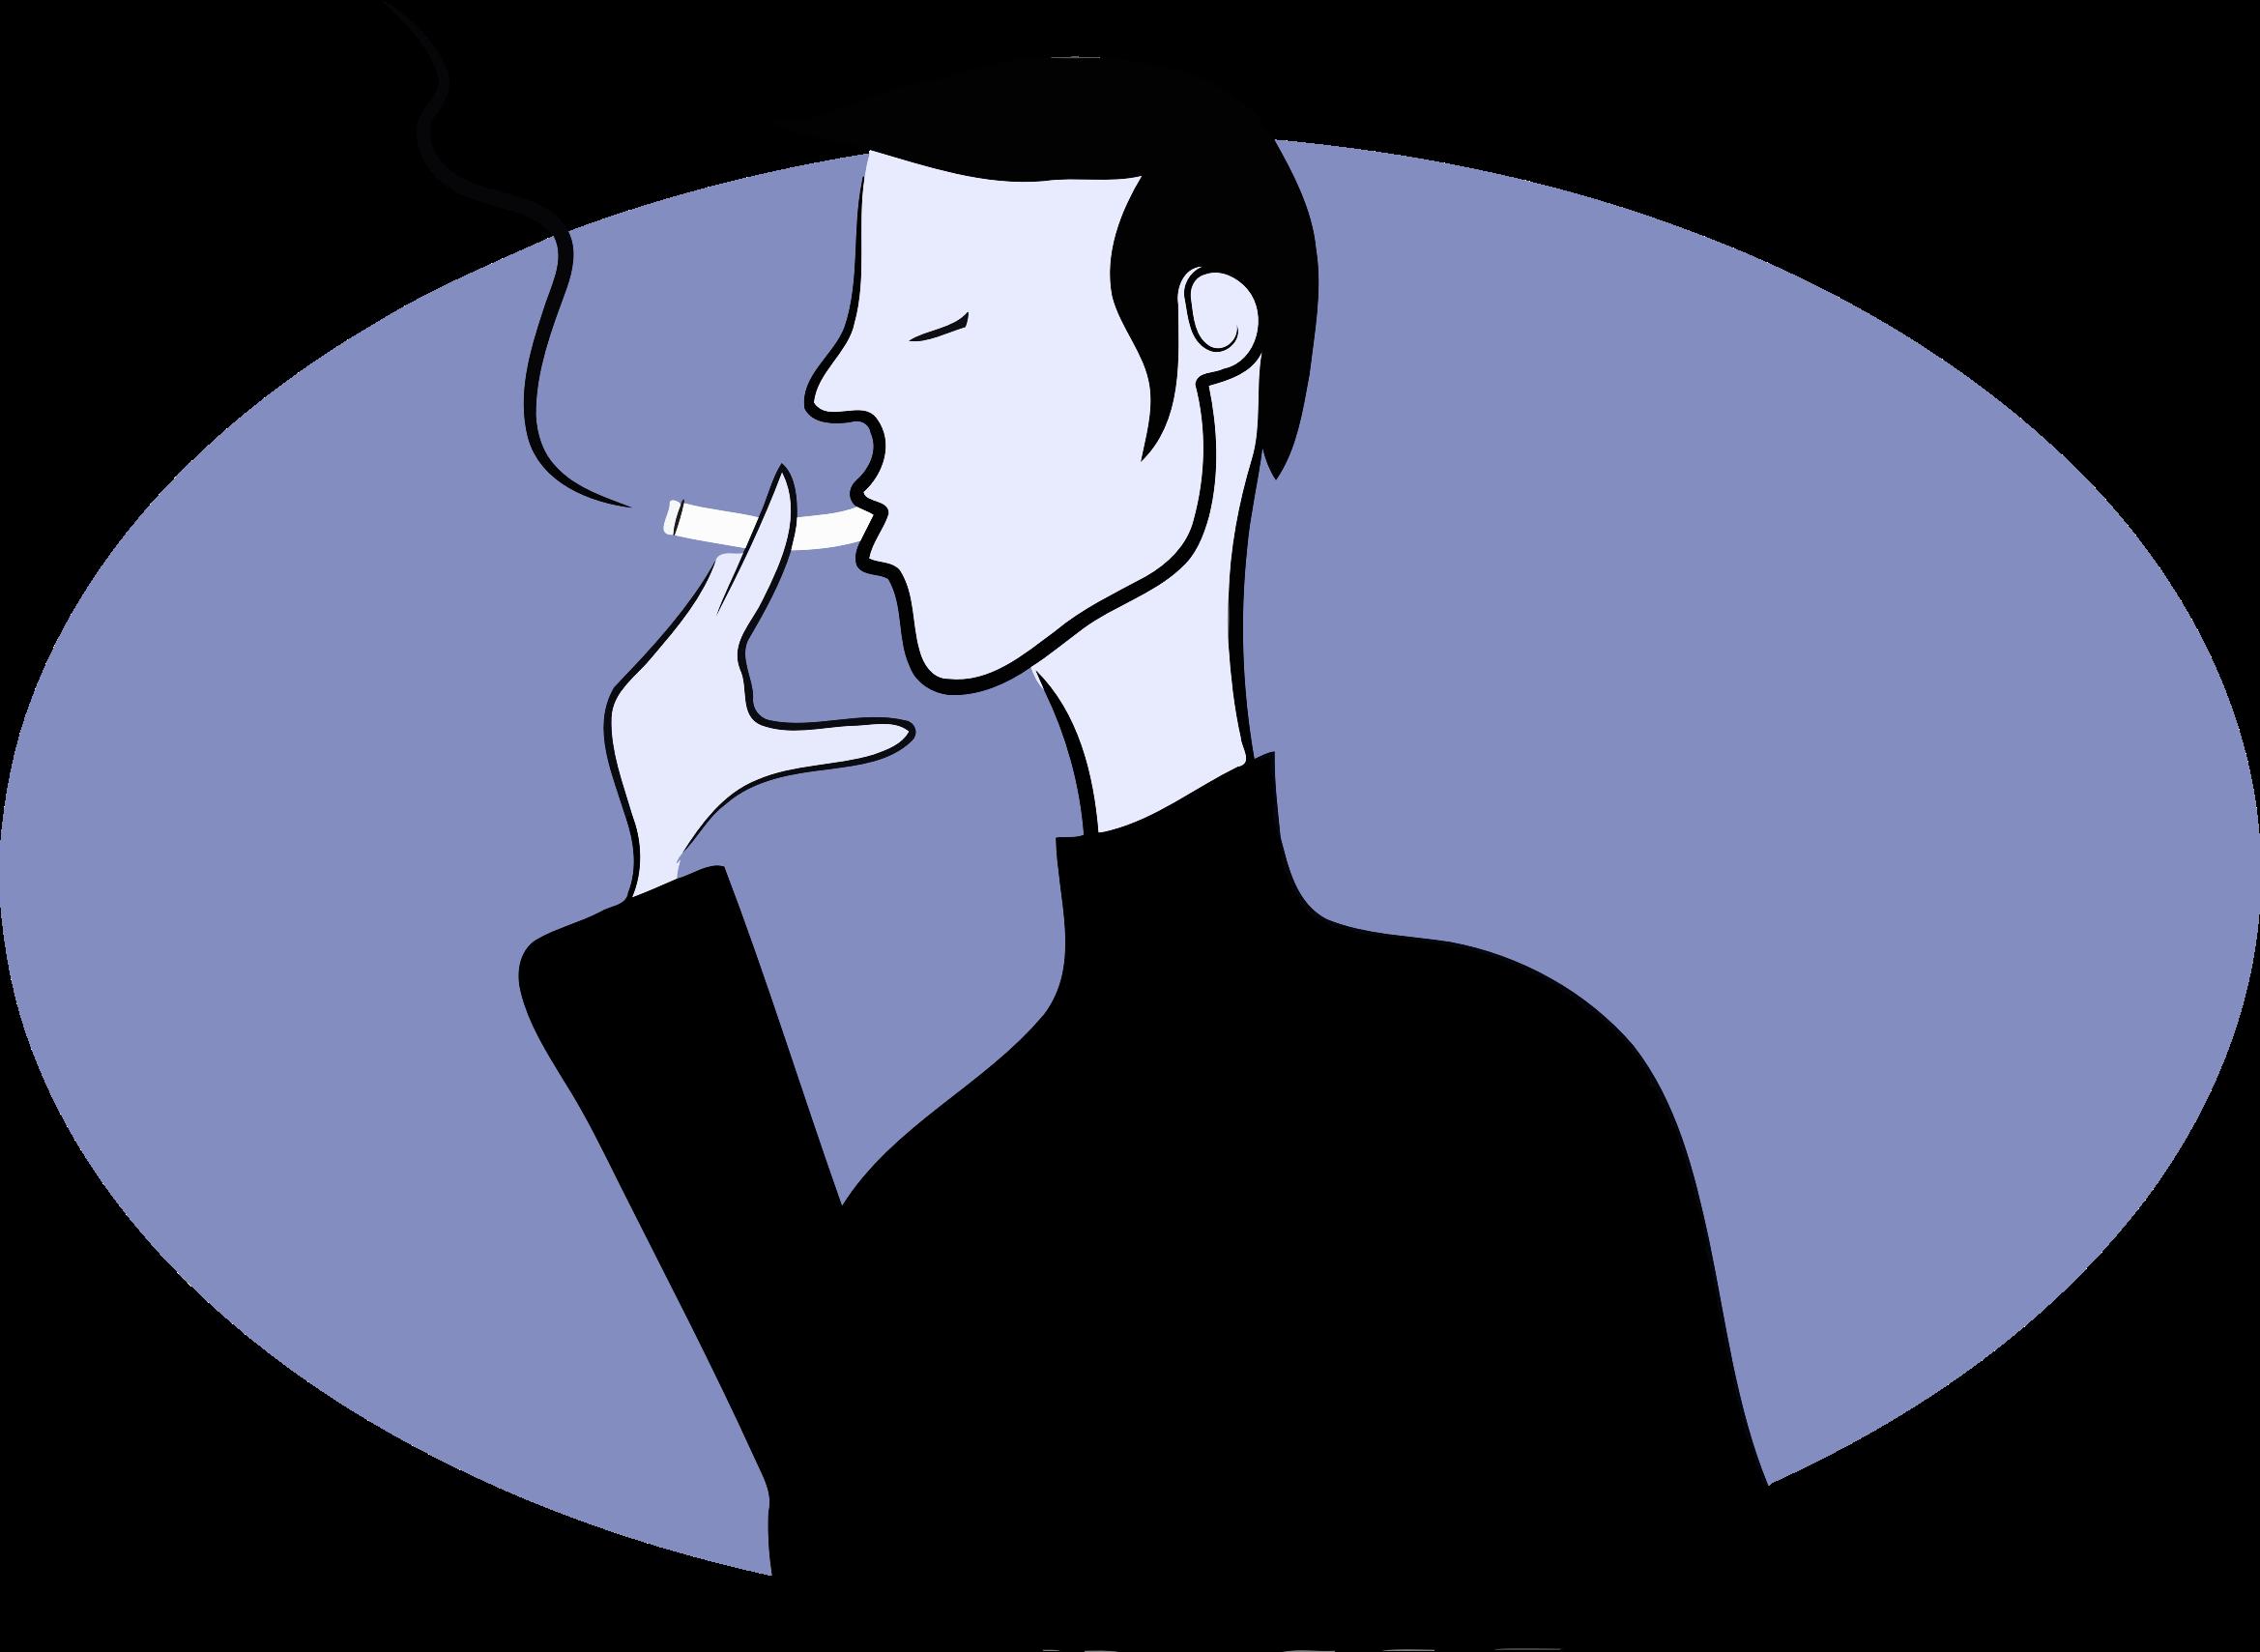 Smoking man big image. Clipart png smoke